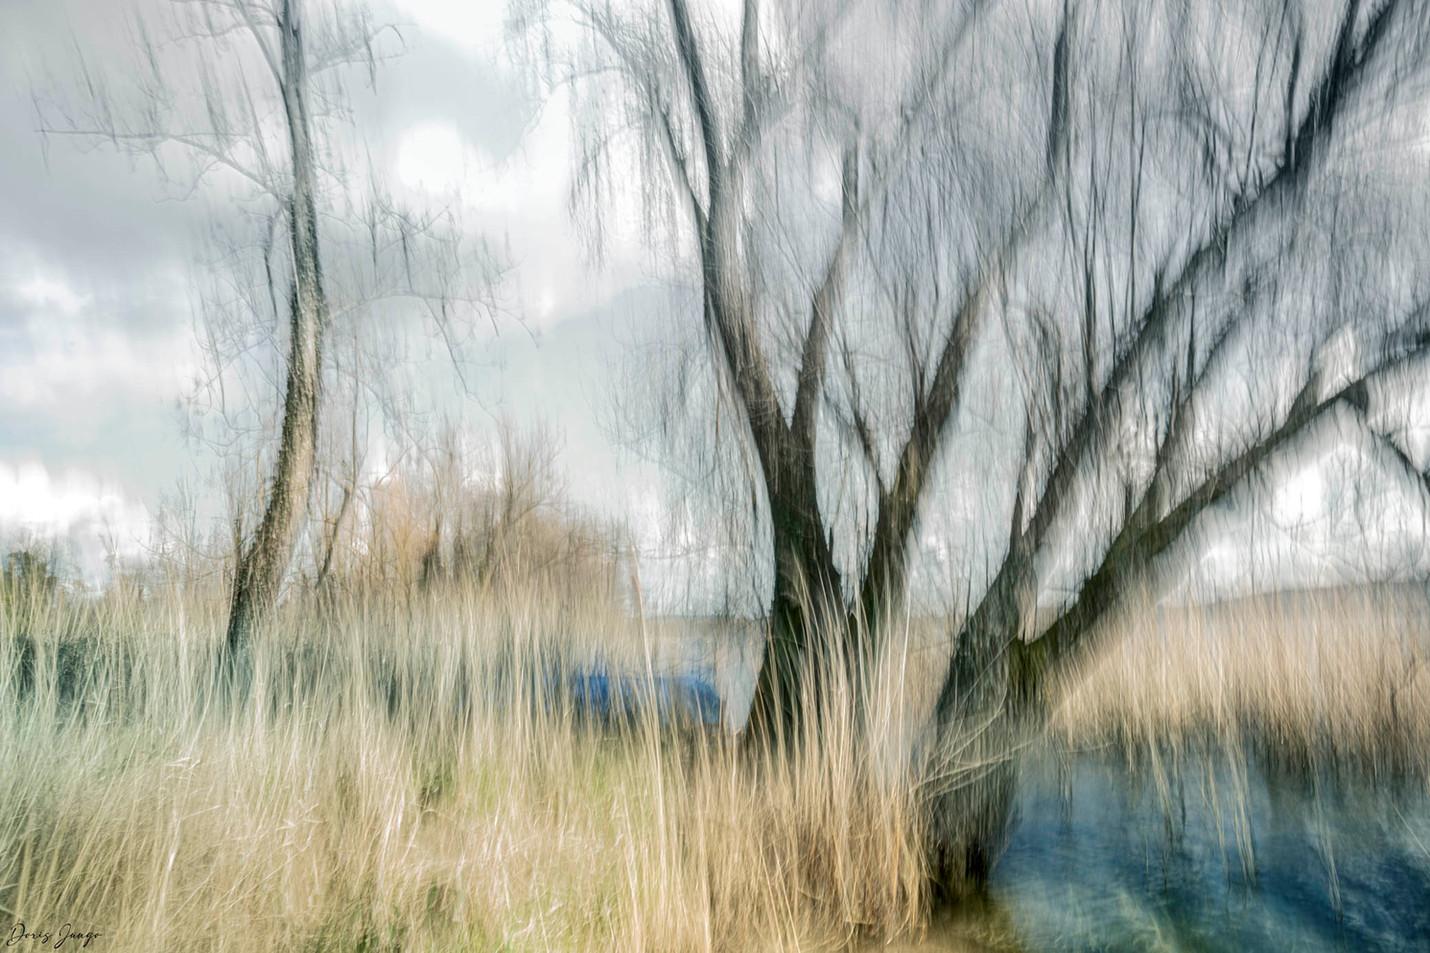 L'arbre au bord du lac